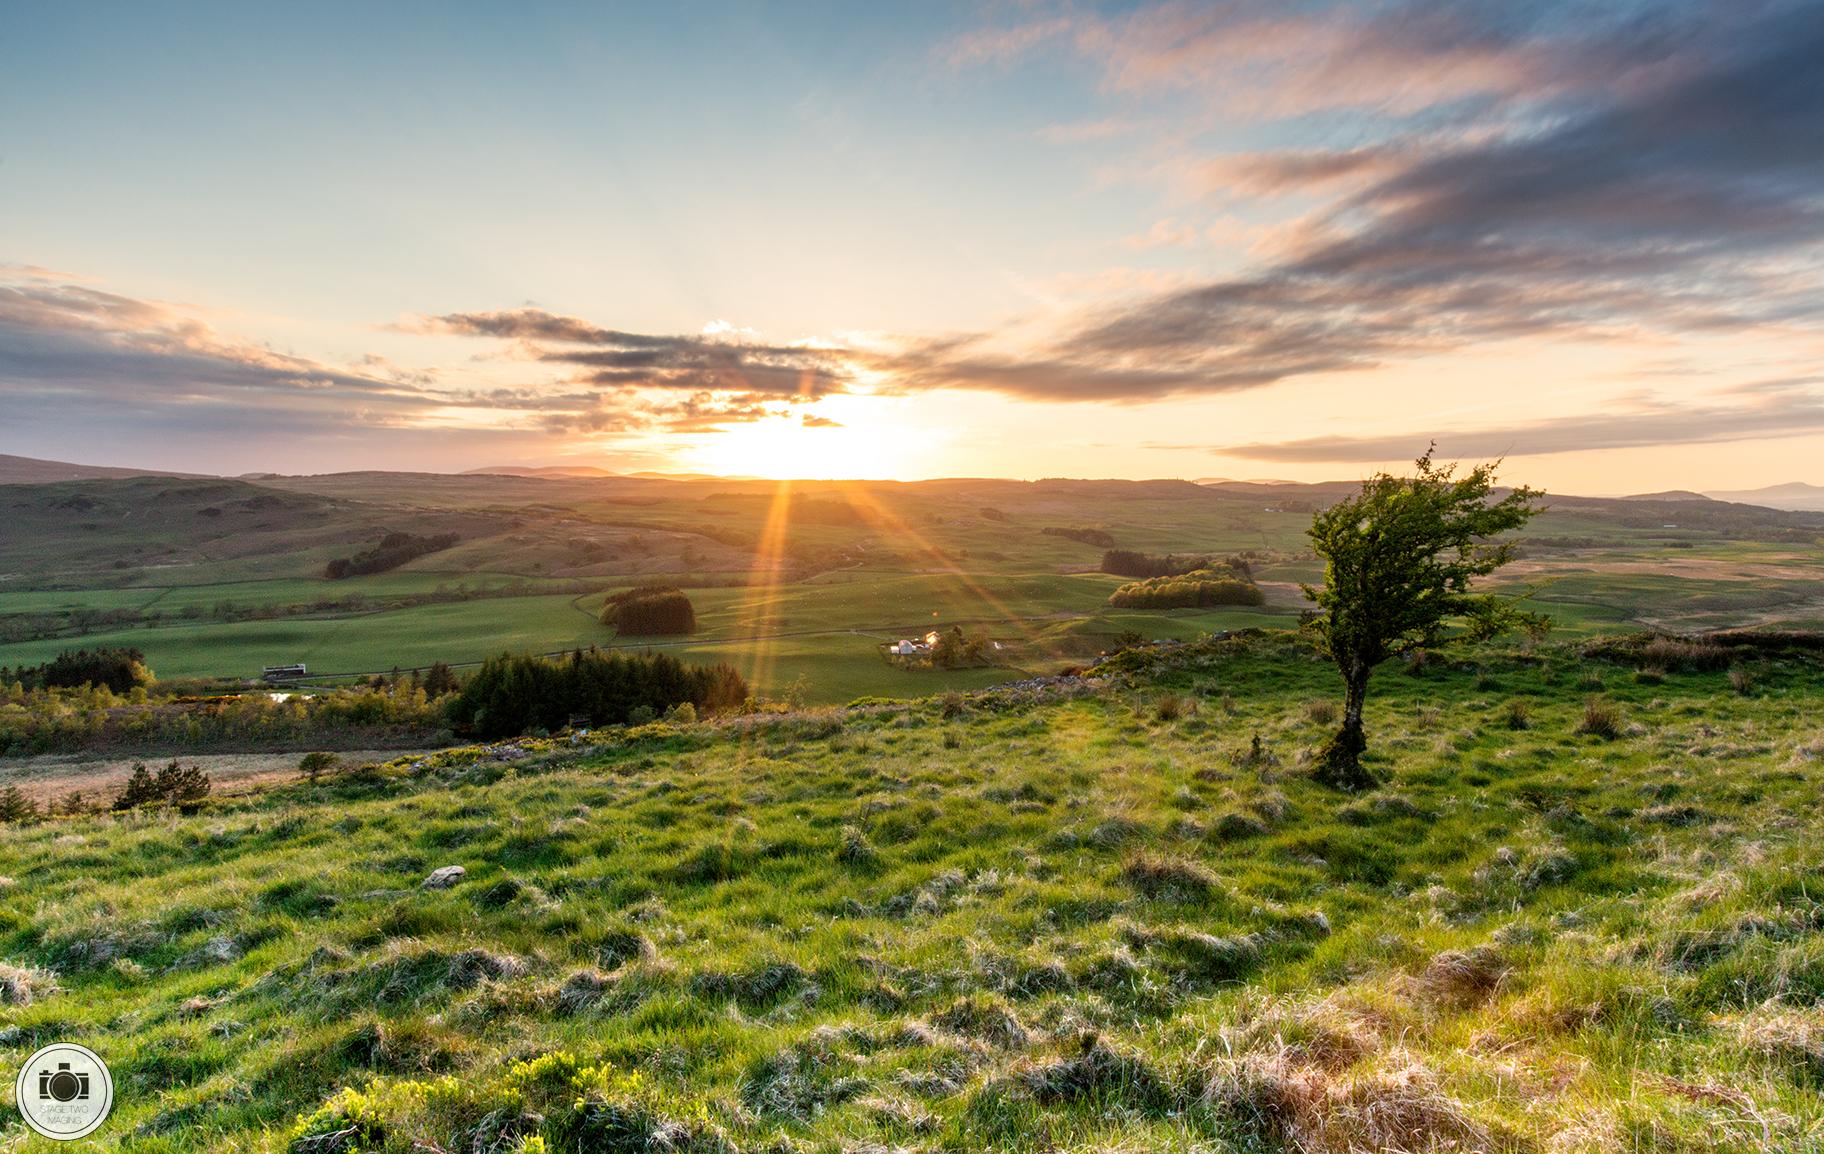 Barstobrik sunset 2 100ppi.jpg